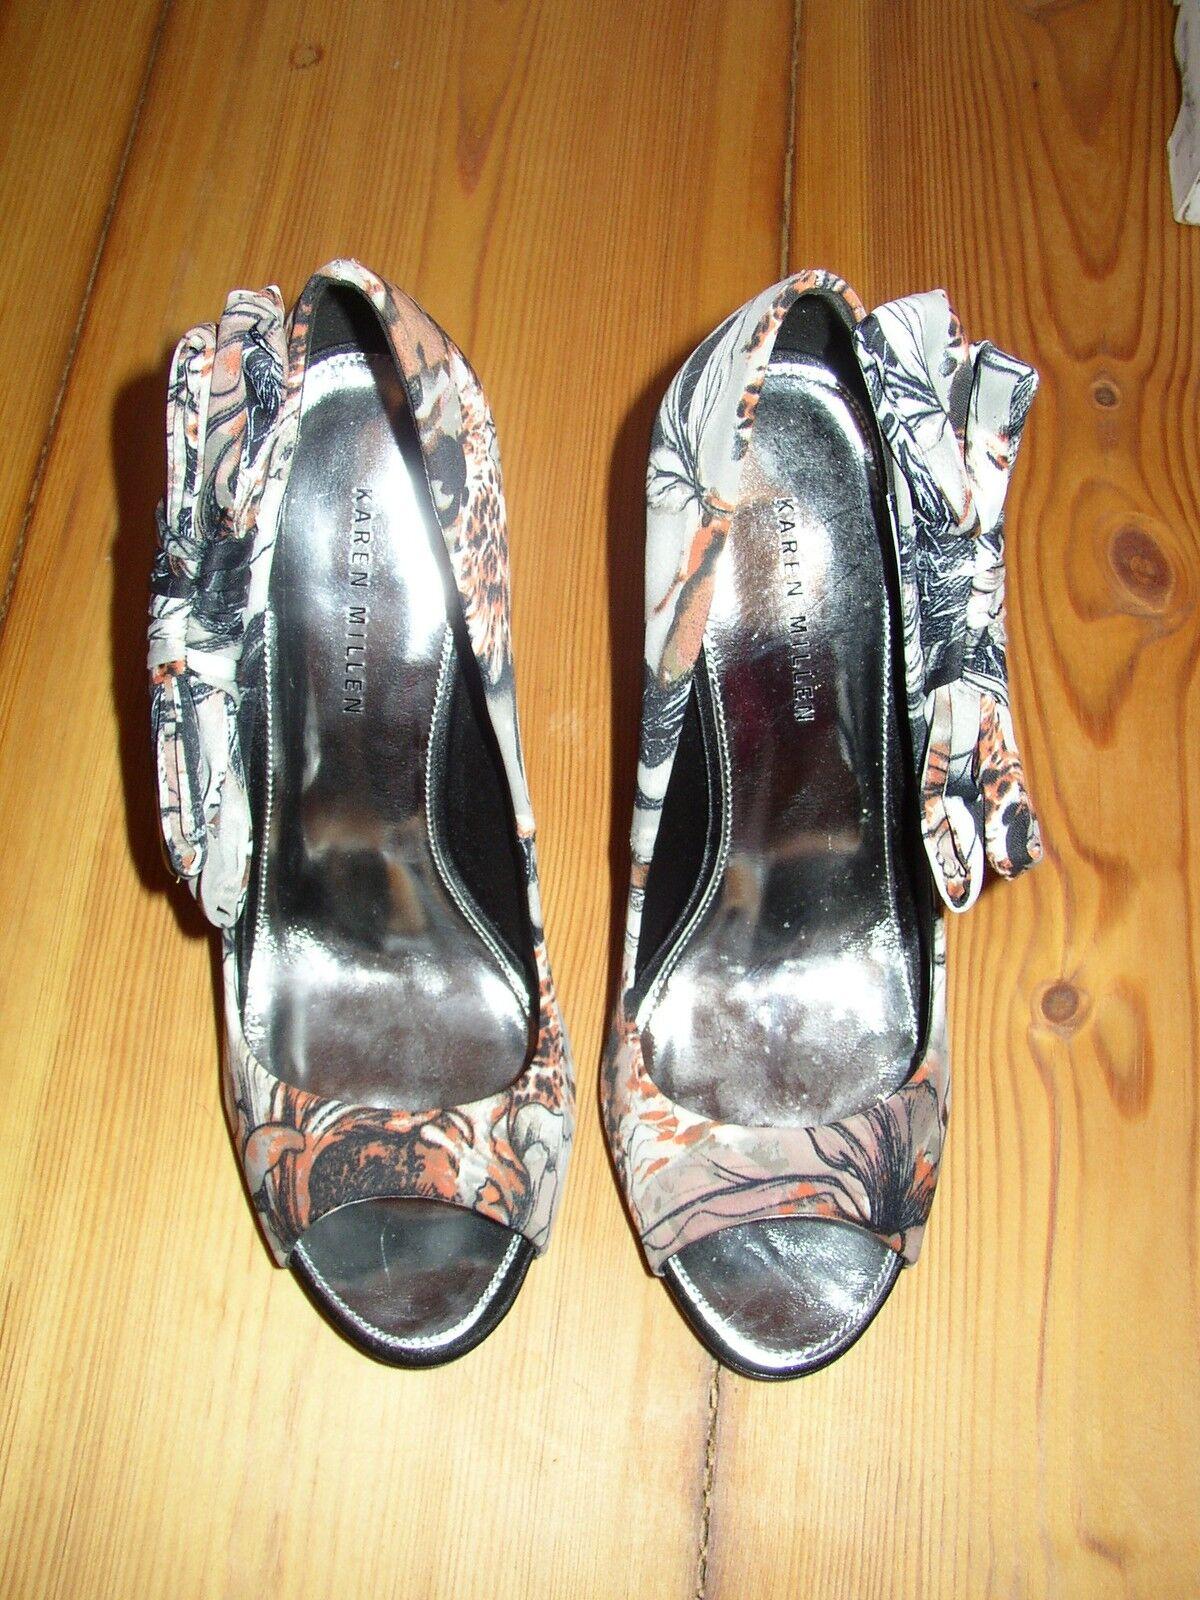 Karen Millen Schuhe Gr. 38 NEU Pumps Schuhe Millen Highheels mit Schleifen Absatzschuhe bunt 678a04